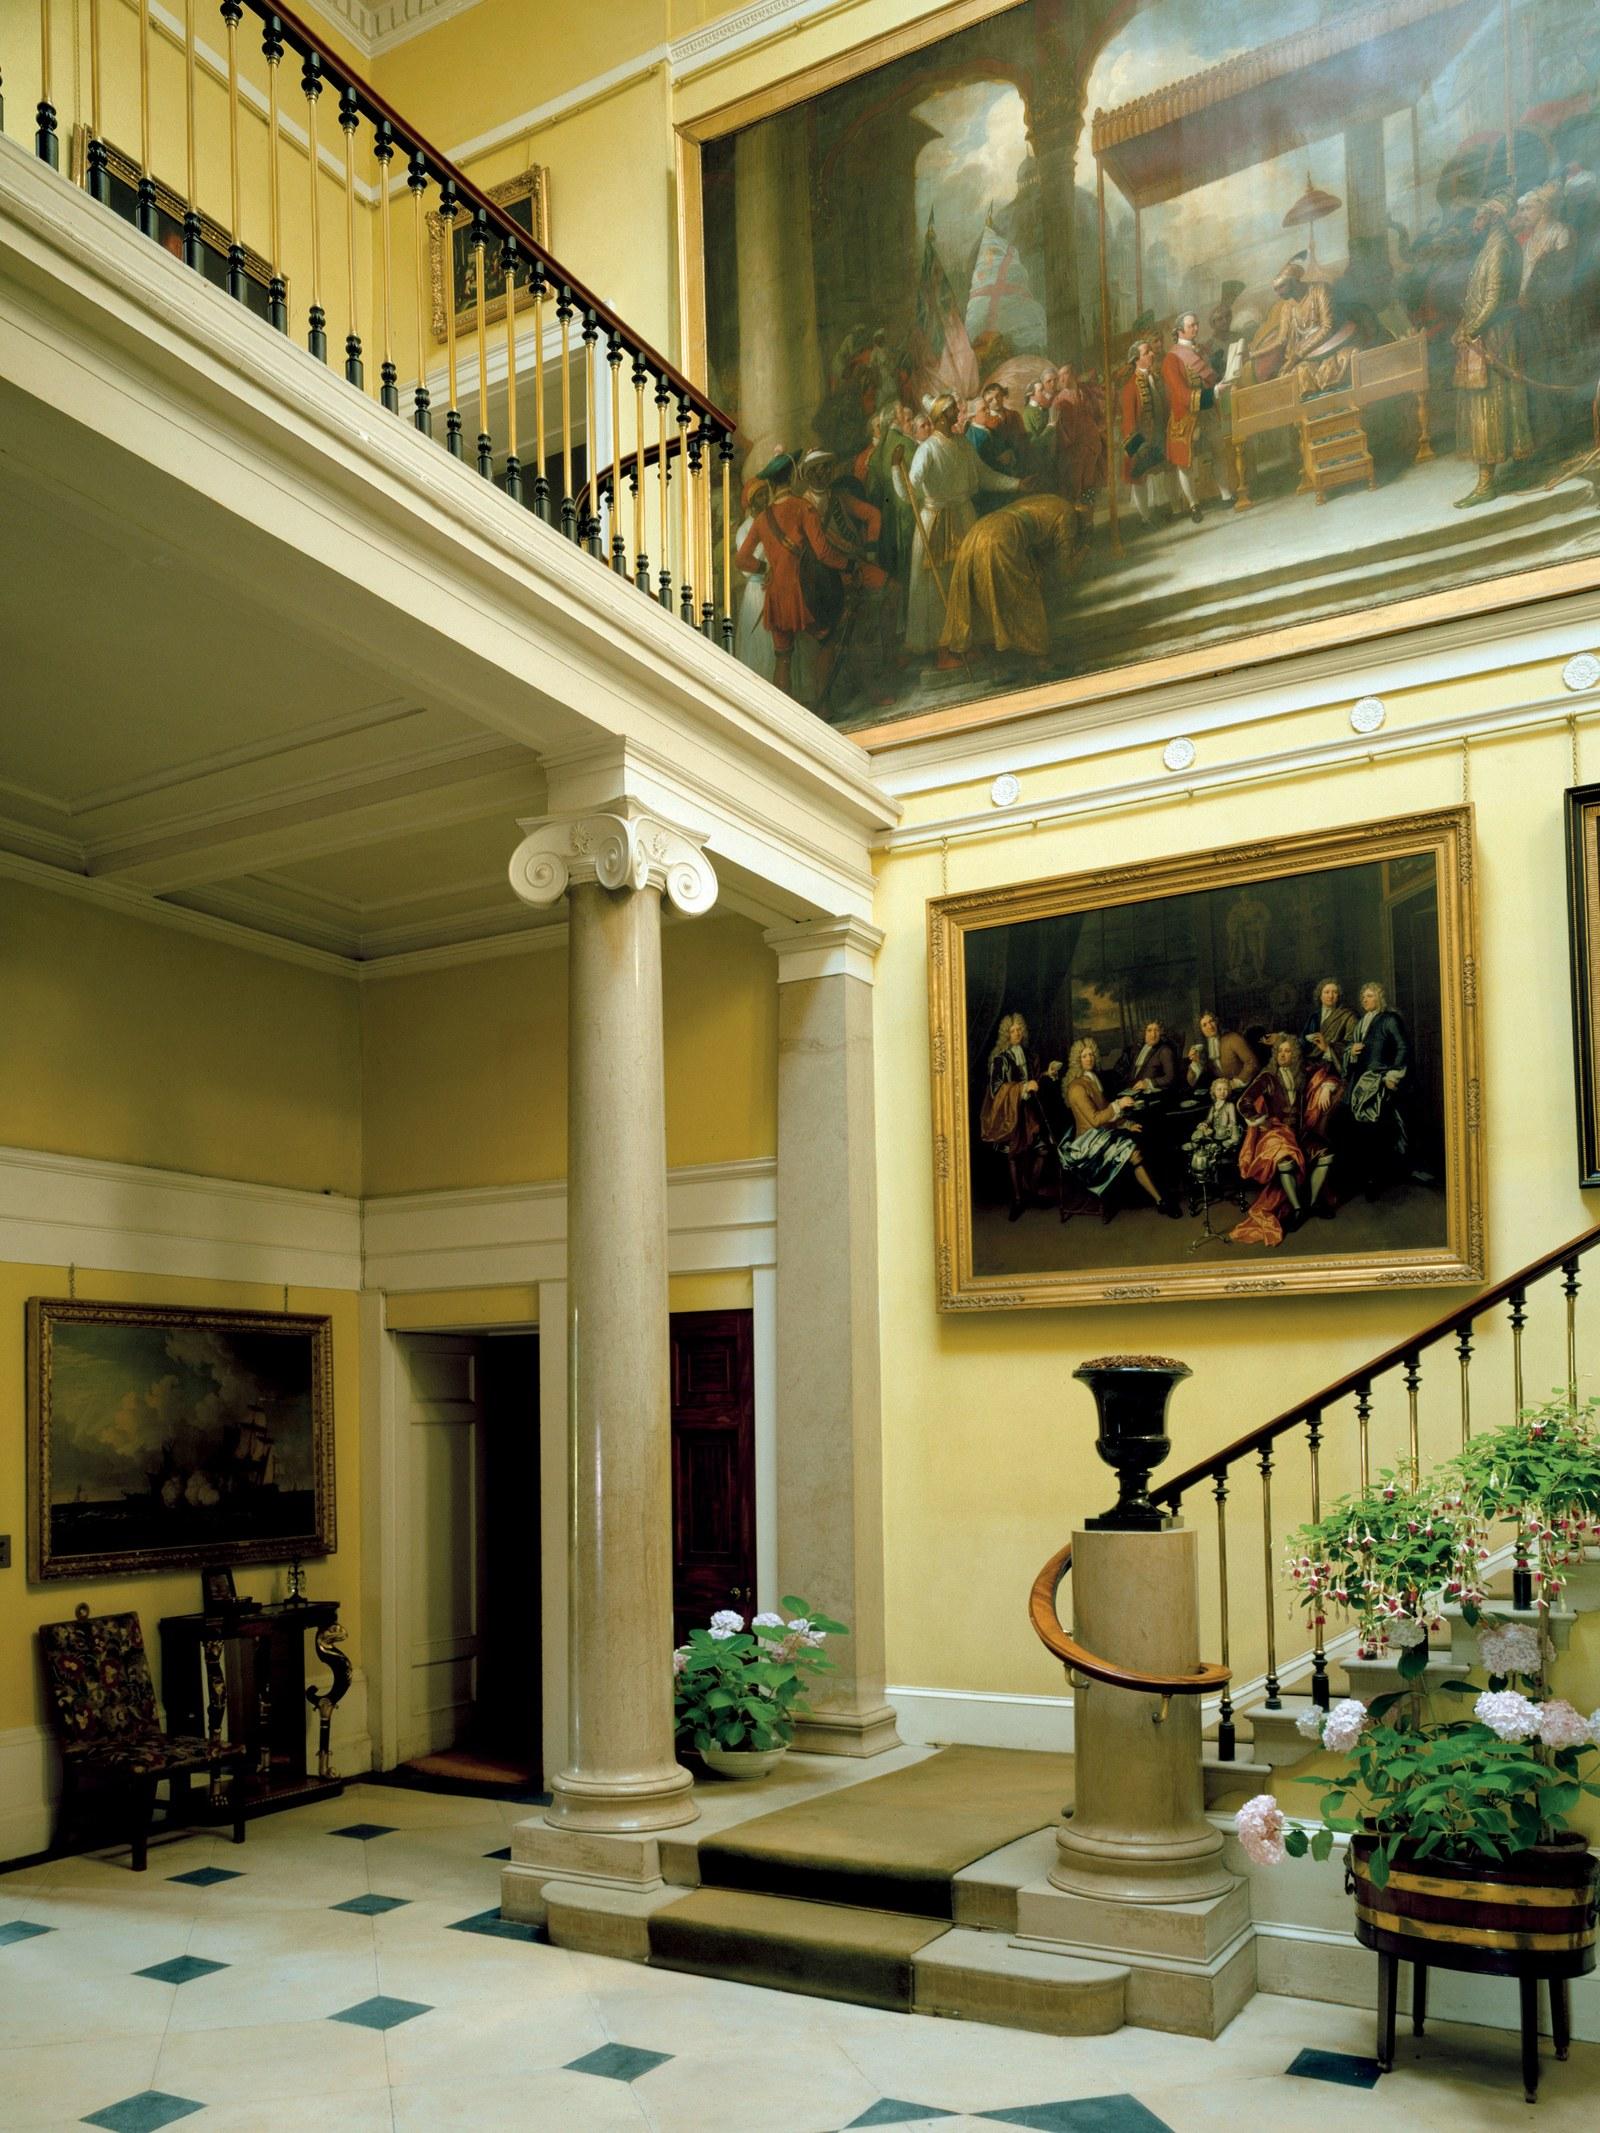 5 Ciri Khas Tudor yang Masih Melekat di Rumah Pedesaan Inggris